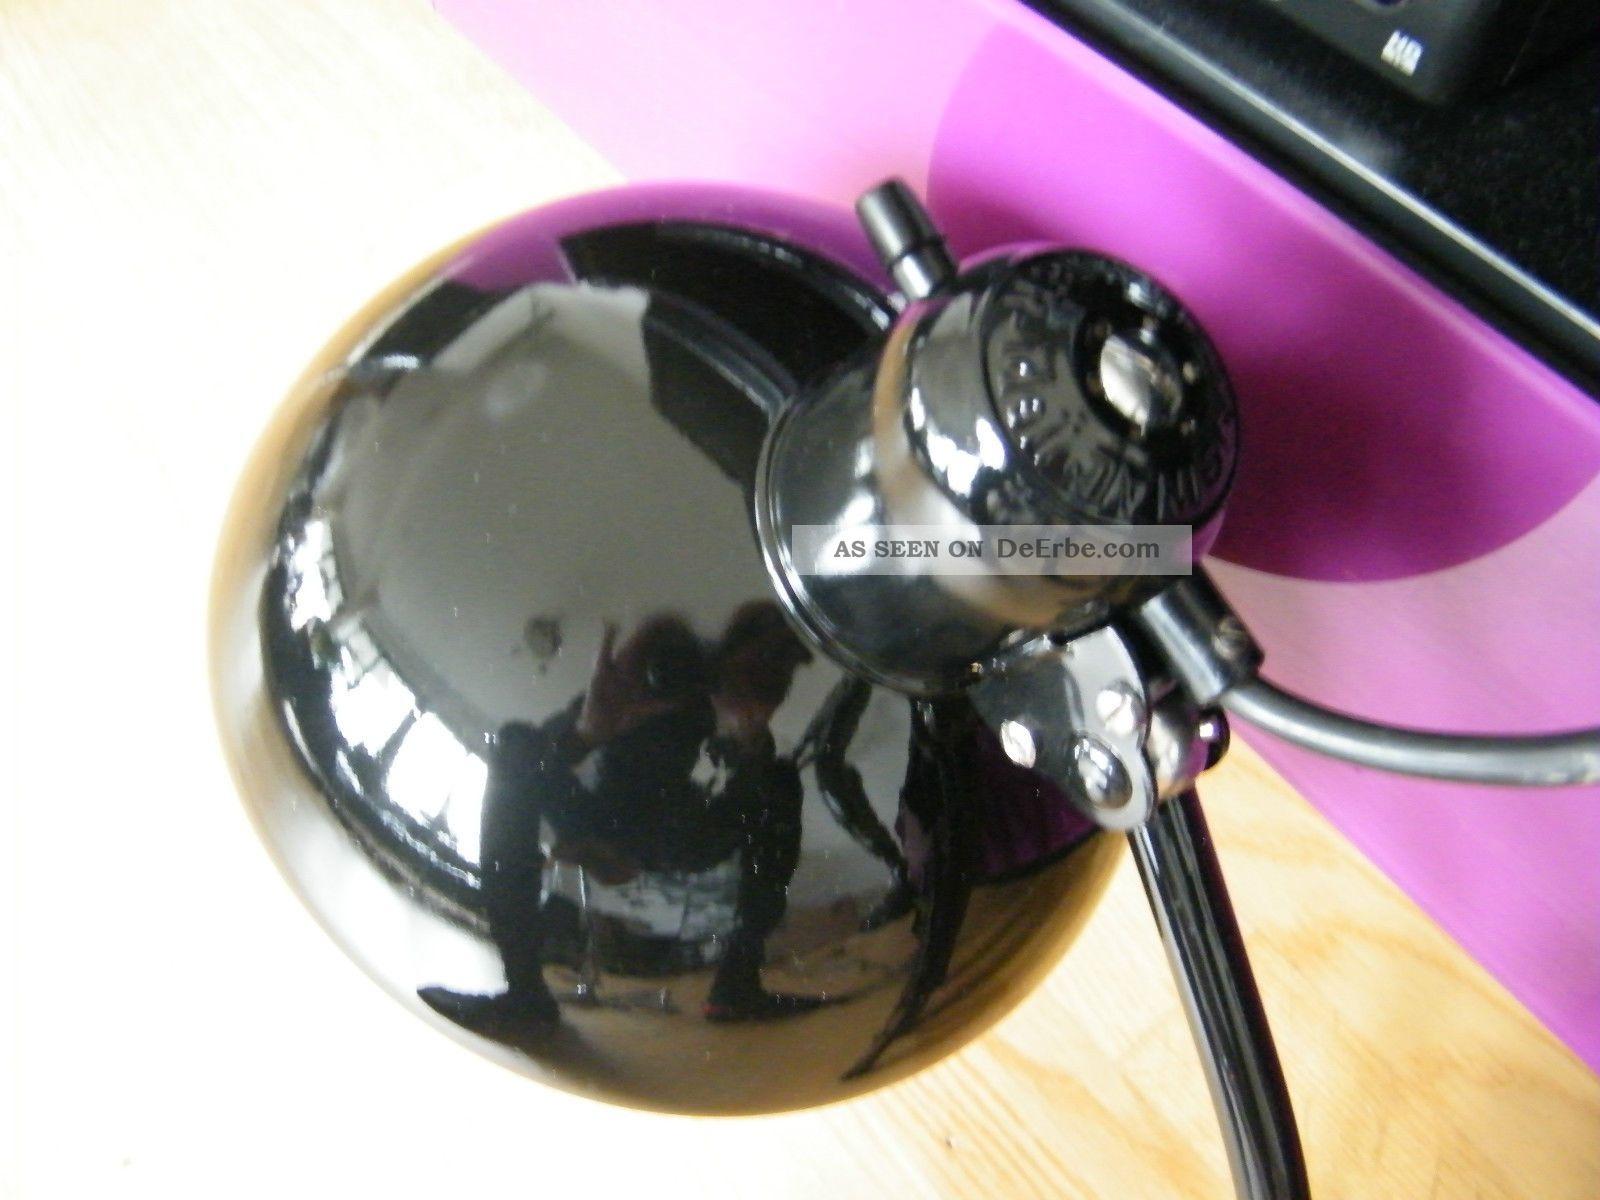 kaiser idell bauhaus scherenlampe mit gro em schirm und gro er schere. Black Bedroom Furniture Sets. Home Design Ideas